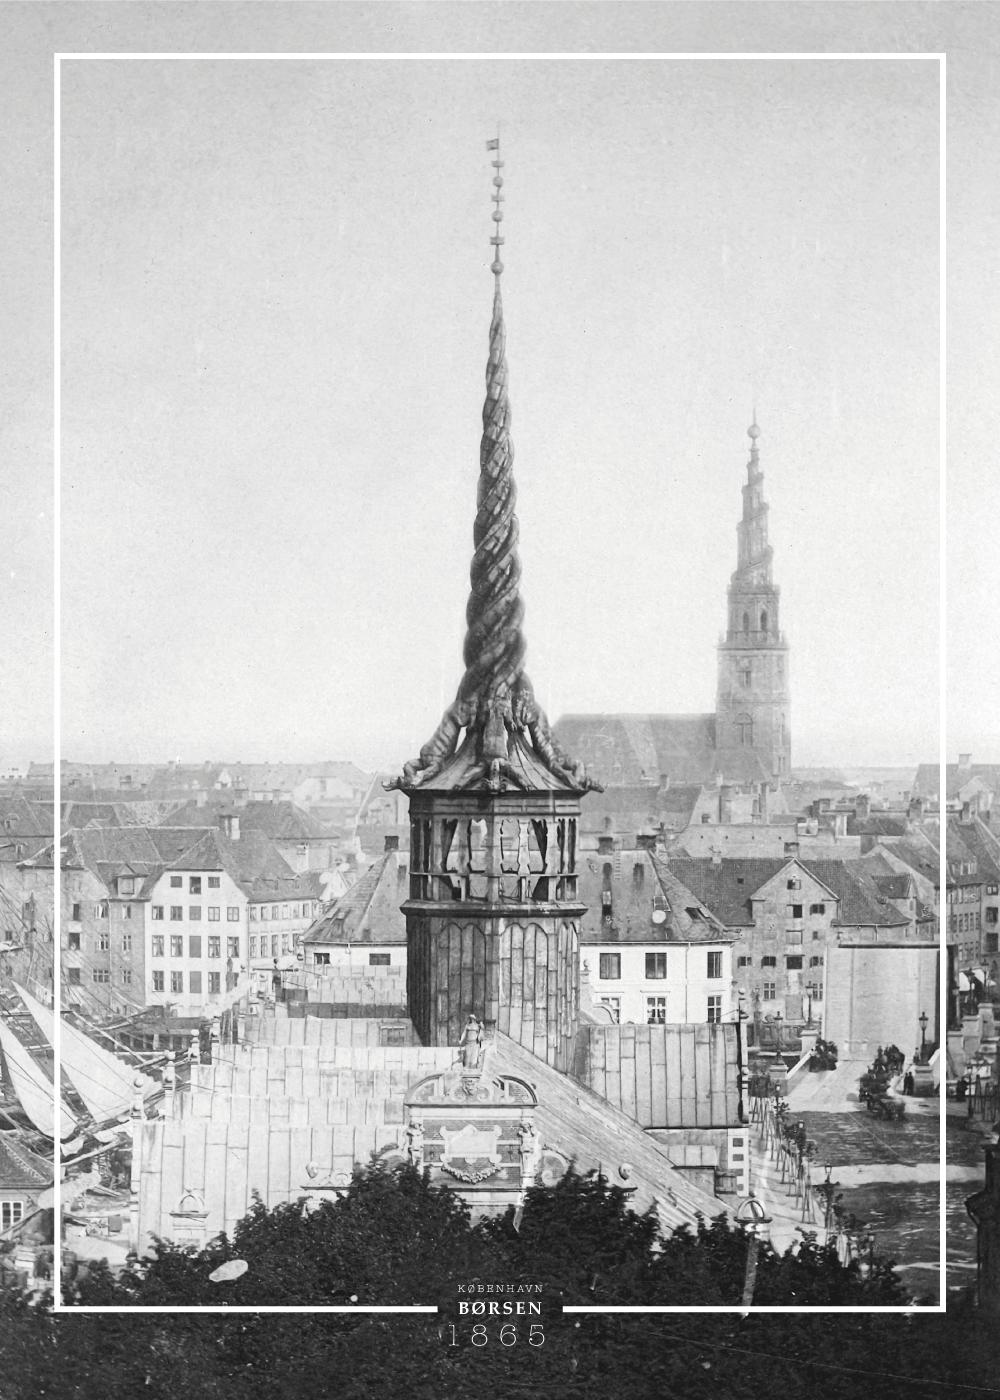 Billede af Børsen - Gamle billeder af København plakat